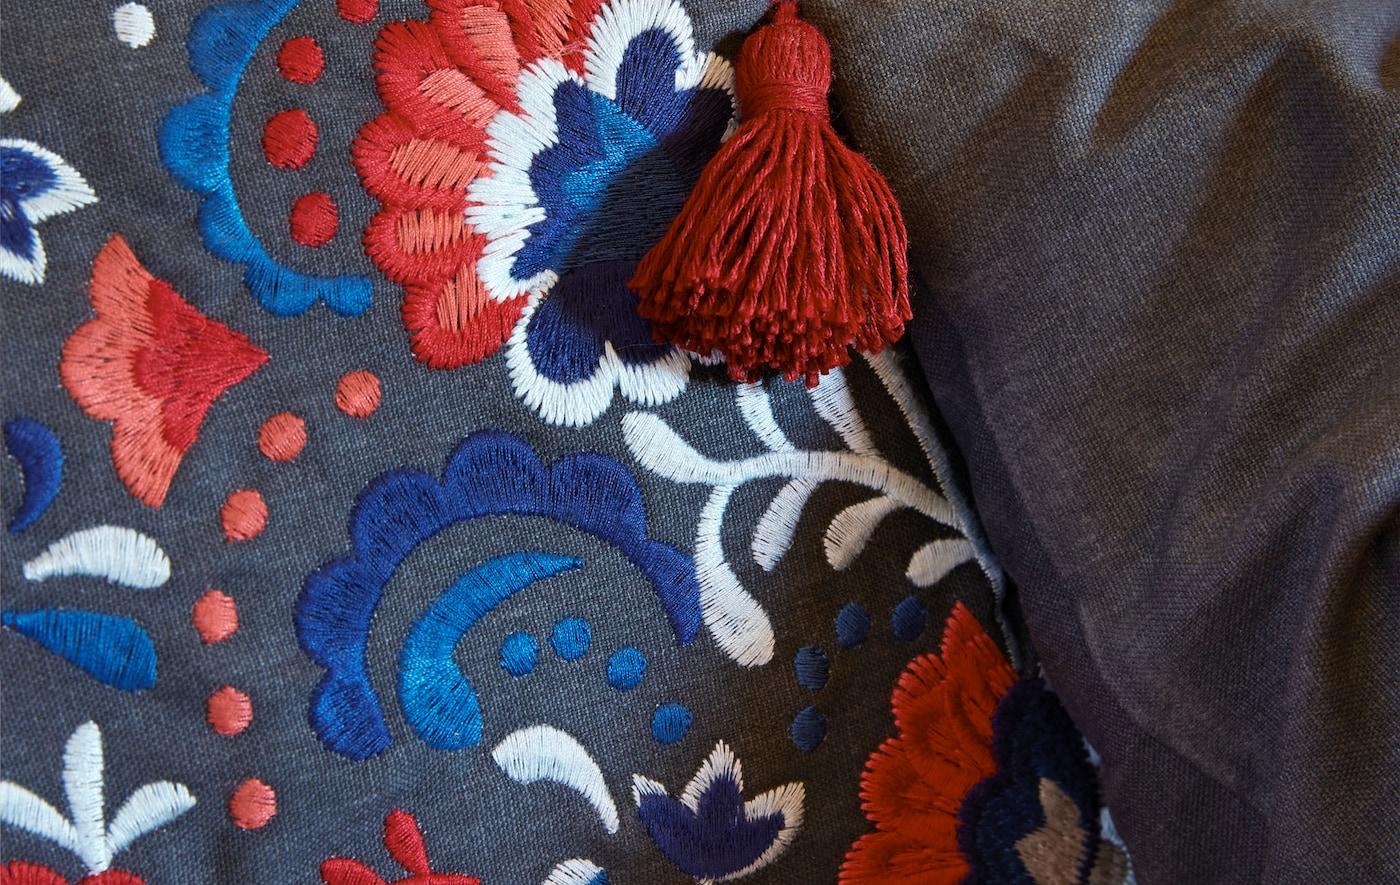 Una fodera per cuscino ricamata con intricate fantasie di vari colori e una nappina che pende da un angolo - IKEA